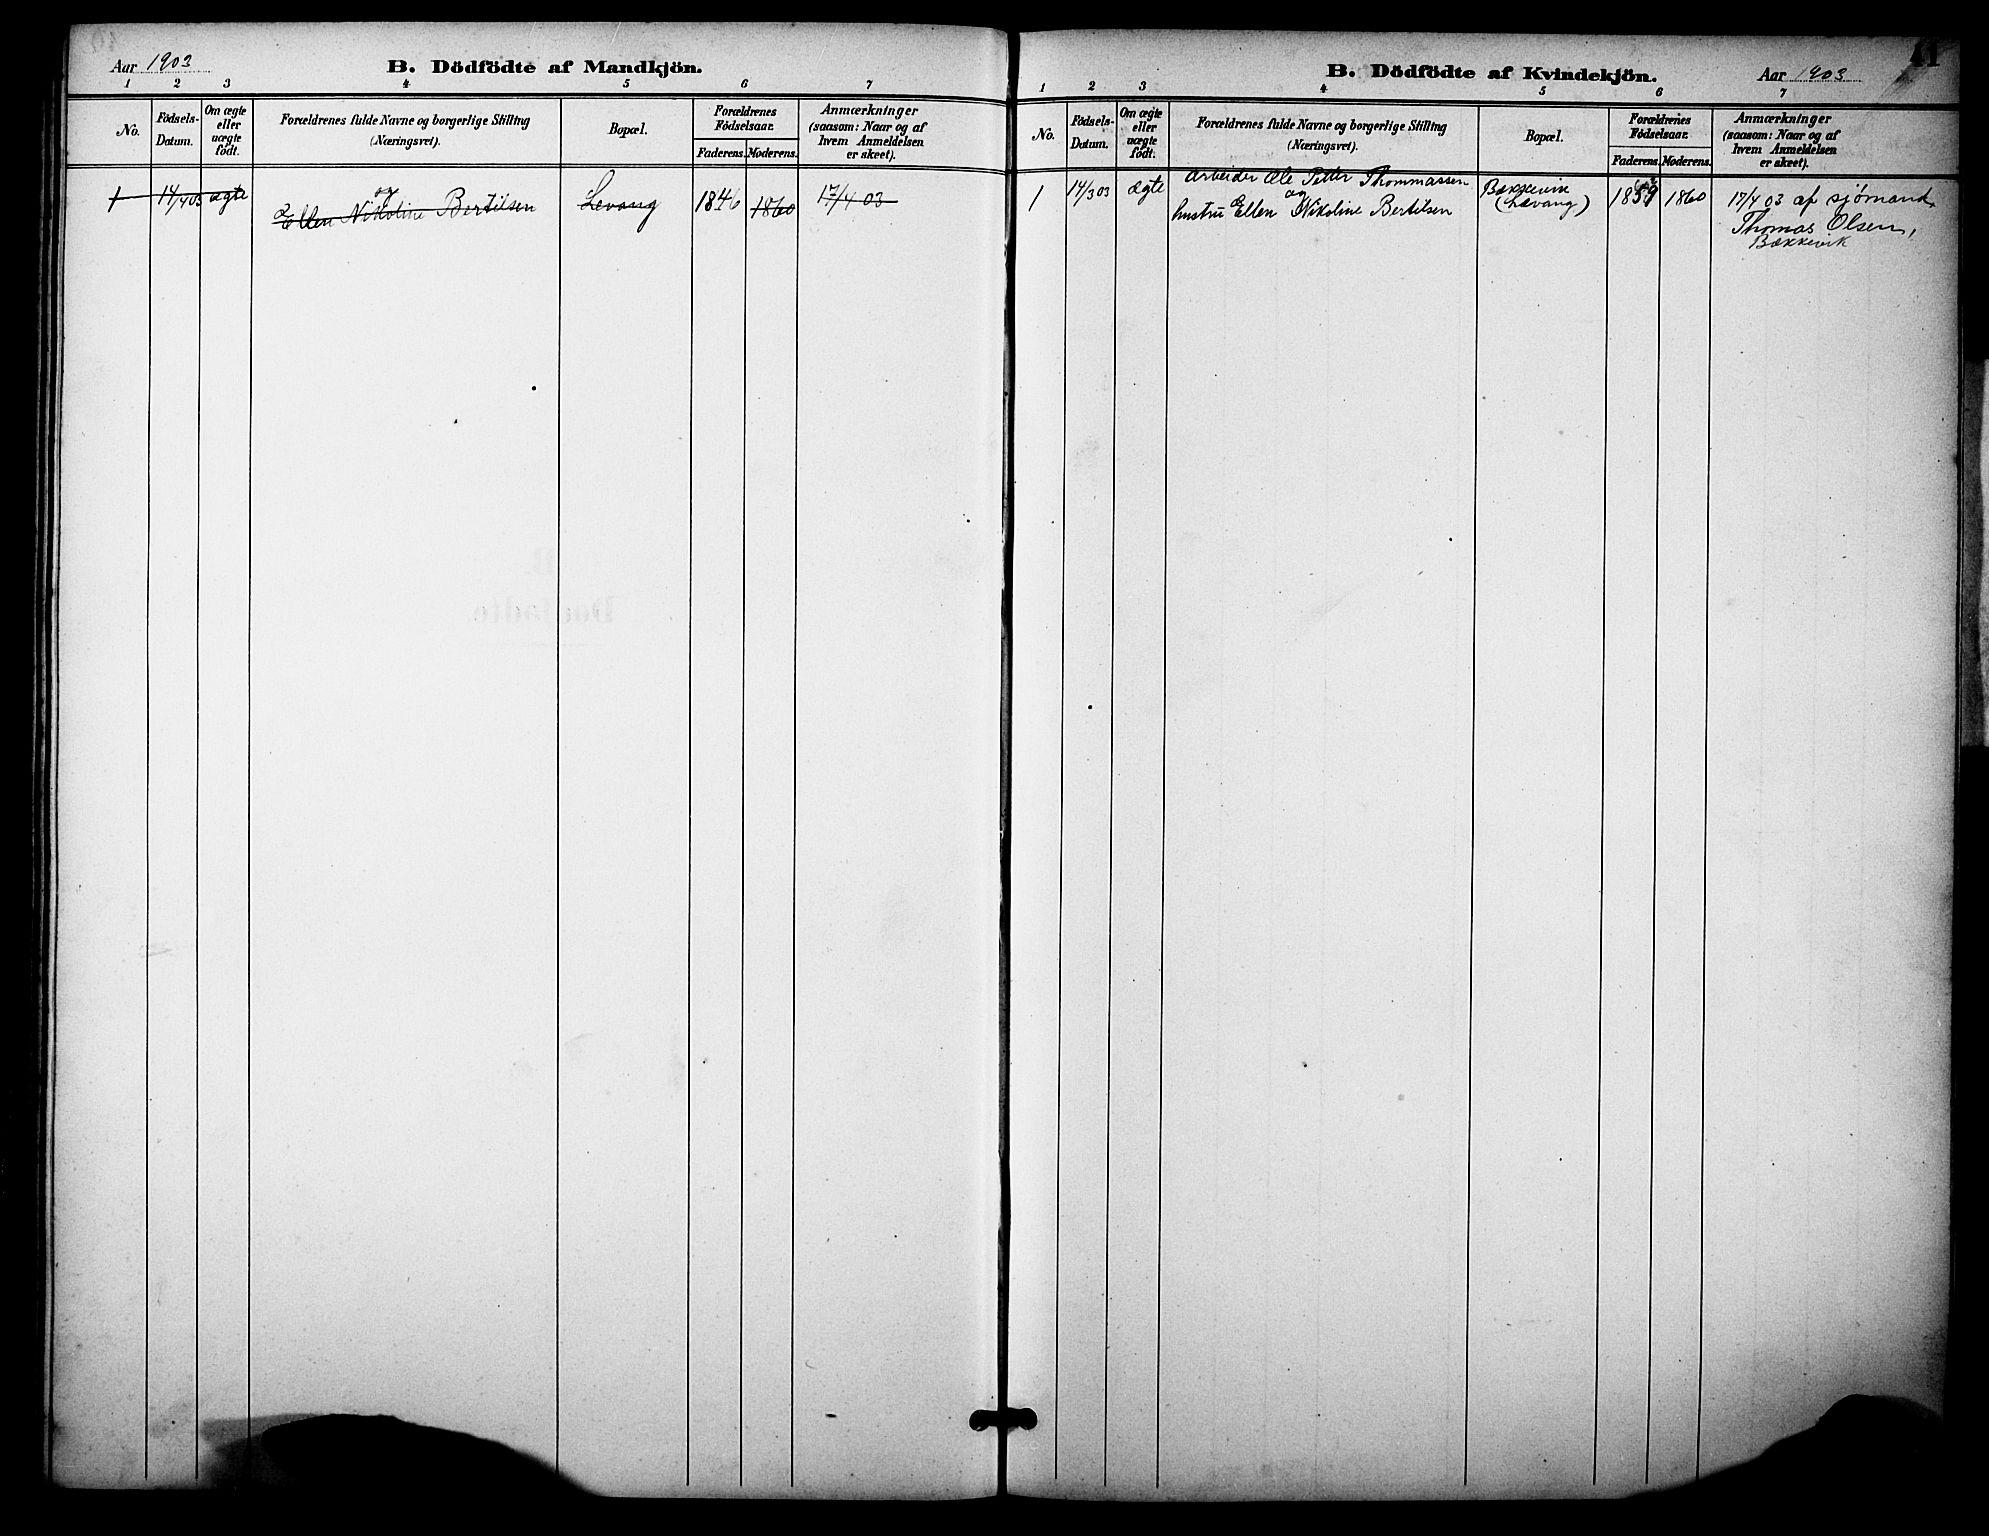 SAKO, Skåtøy kirkebøker, G/Gb/L0001: Klokkerbok nr. II 1, 1892-1916, s. 41